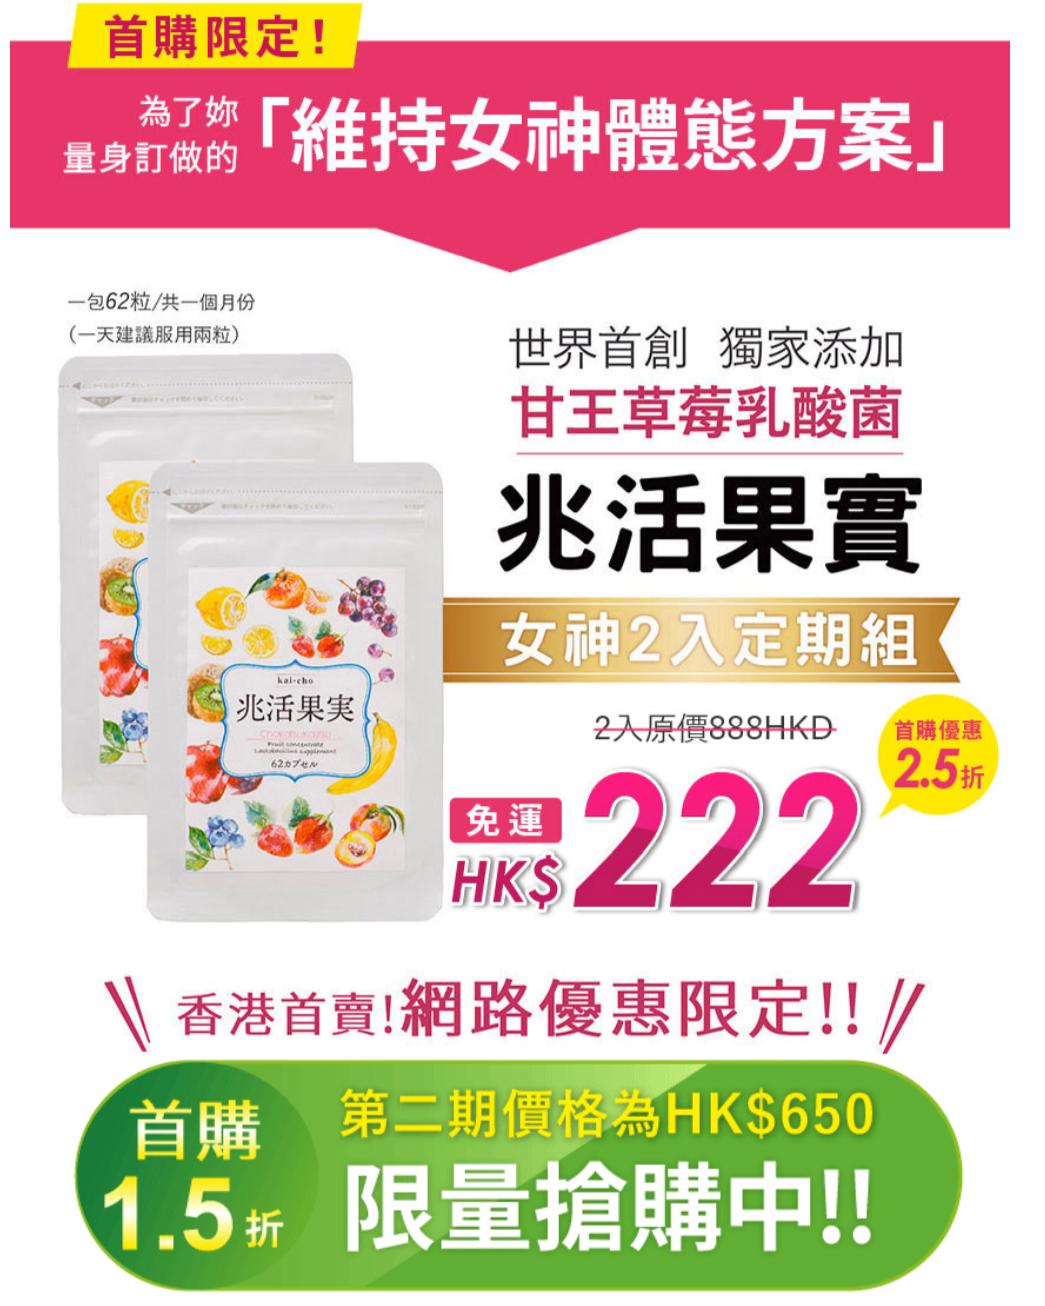 兆活定期香港價格